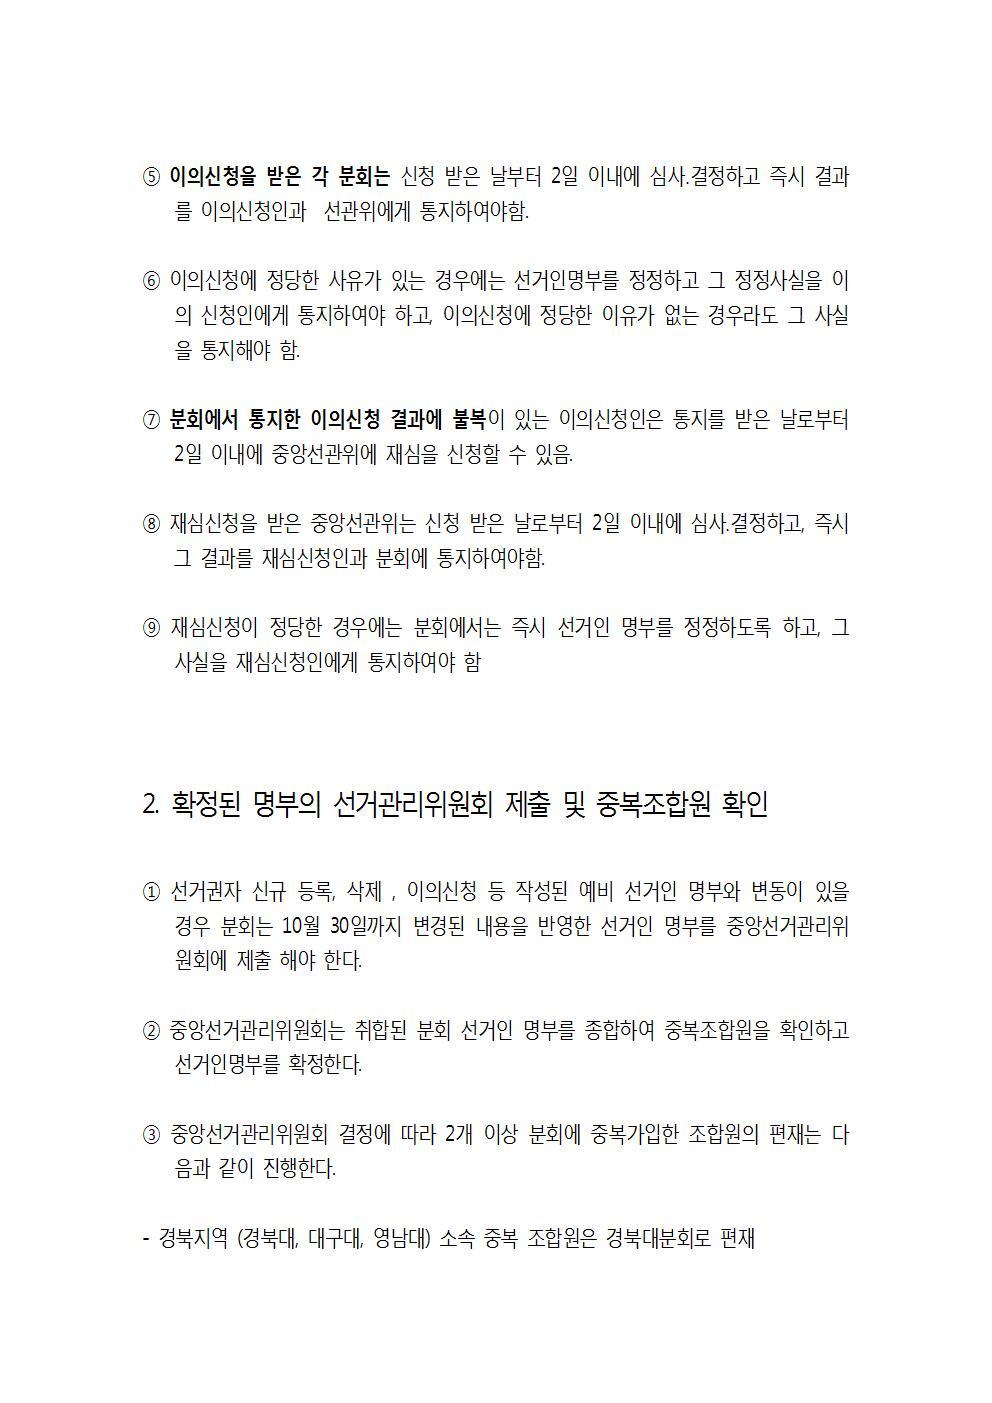 한국비정규교수노동조합 제20기 위원장 선거 jpg006.jpg